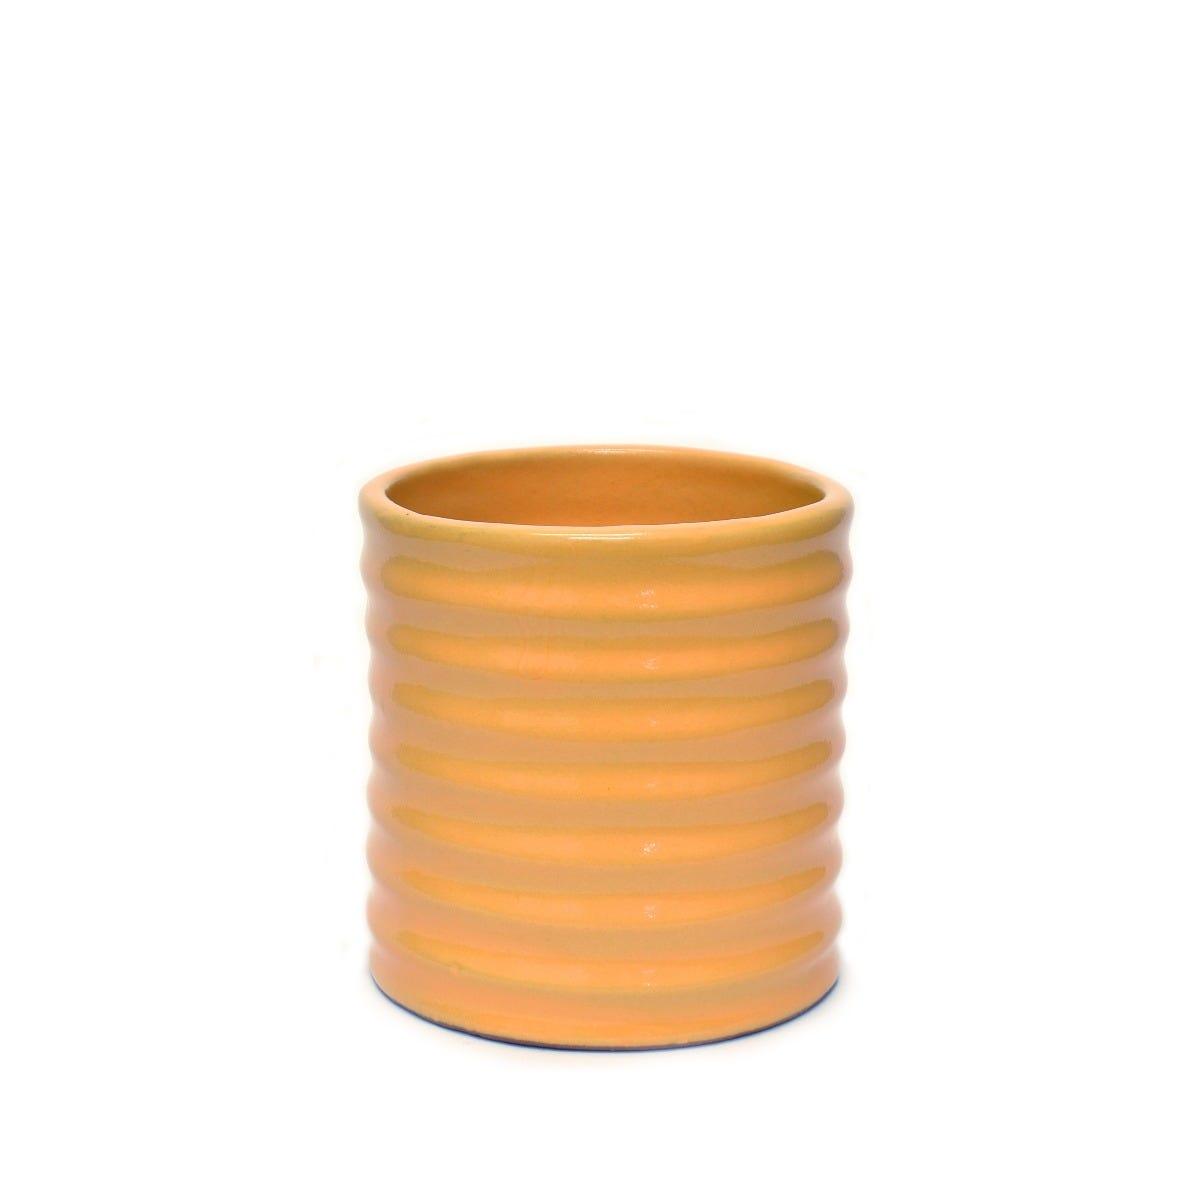 Maceta de pasta de barro Suculenta con forma de cilindro anillado